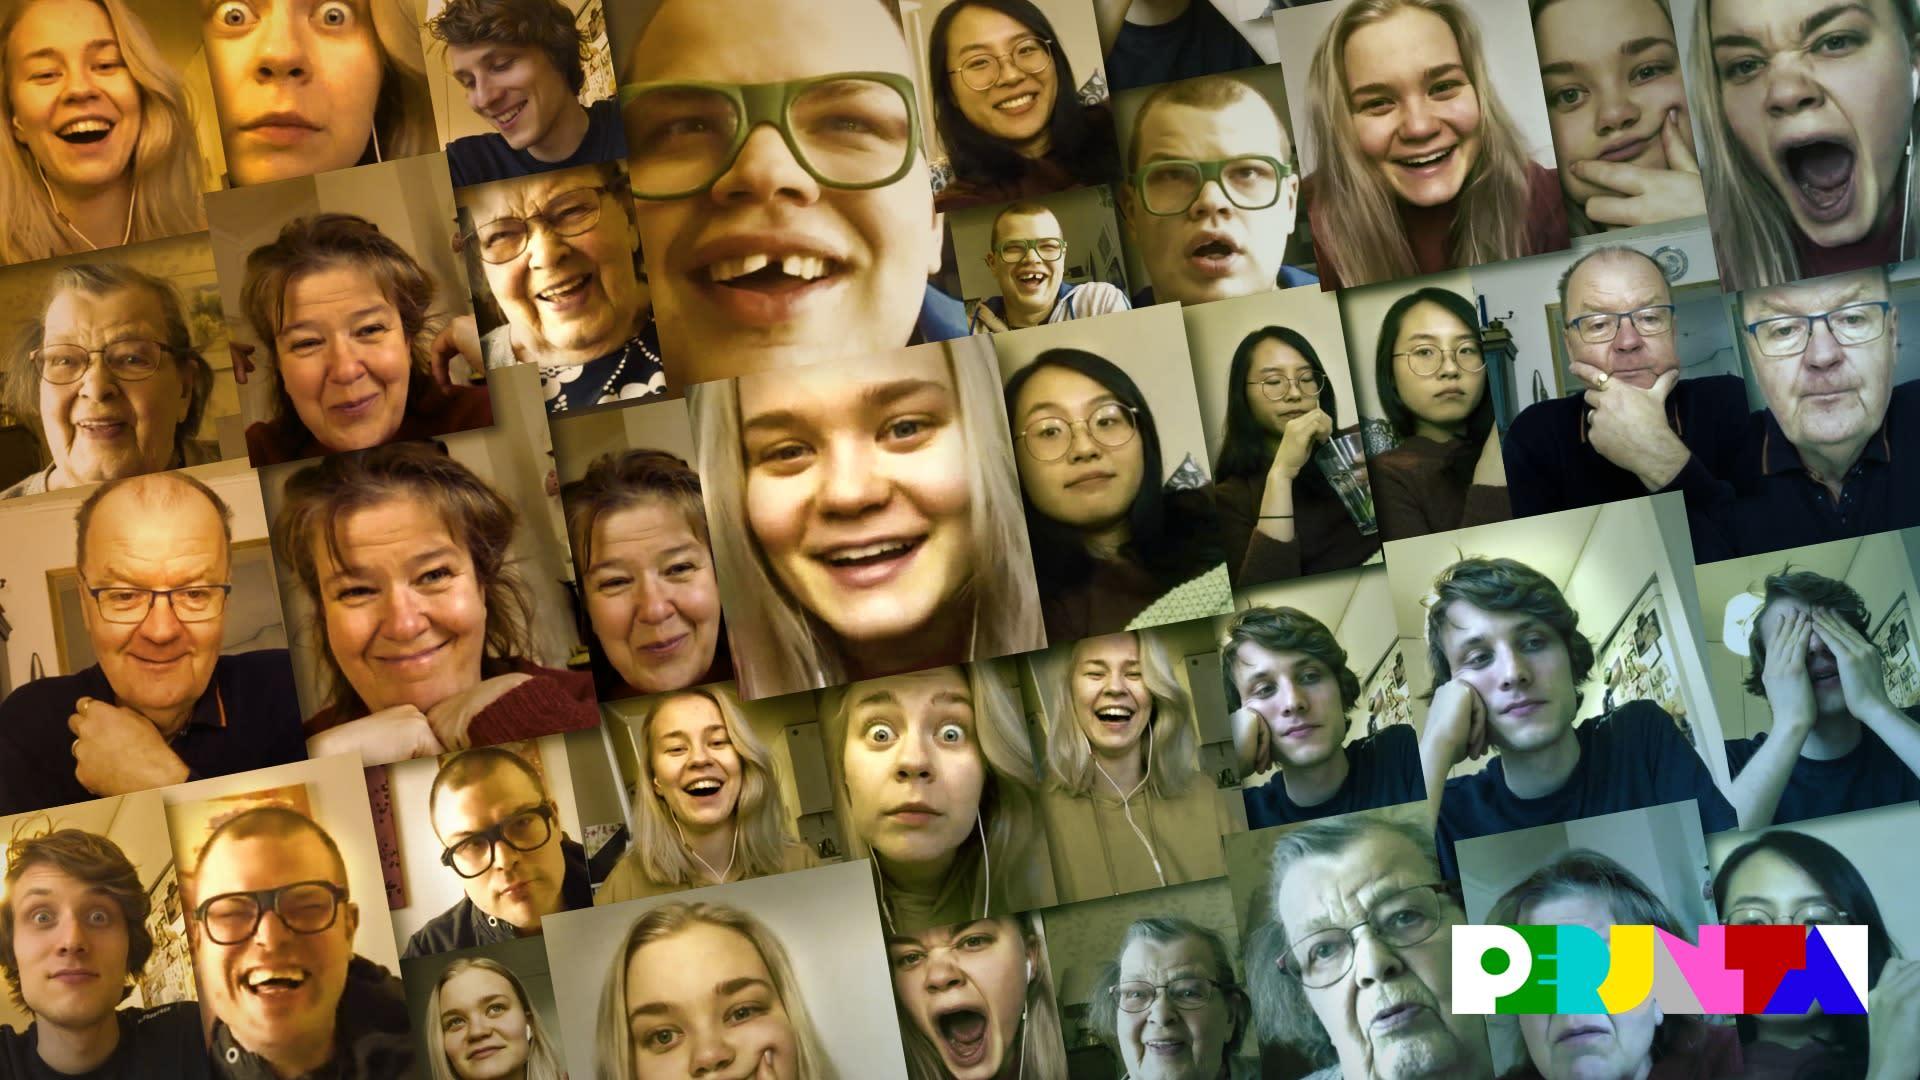 Kymmenittäin kuvakaappauksia videopuheluista, joissa ihmisillä on monia erilaisia ilmeitä.